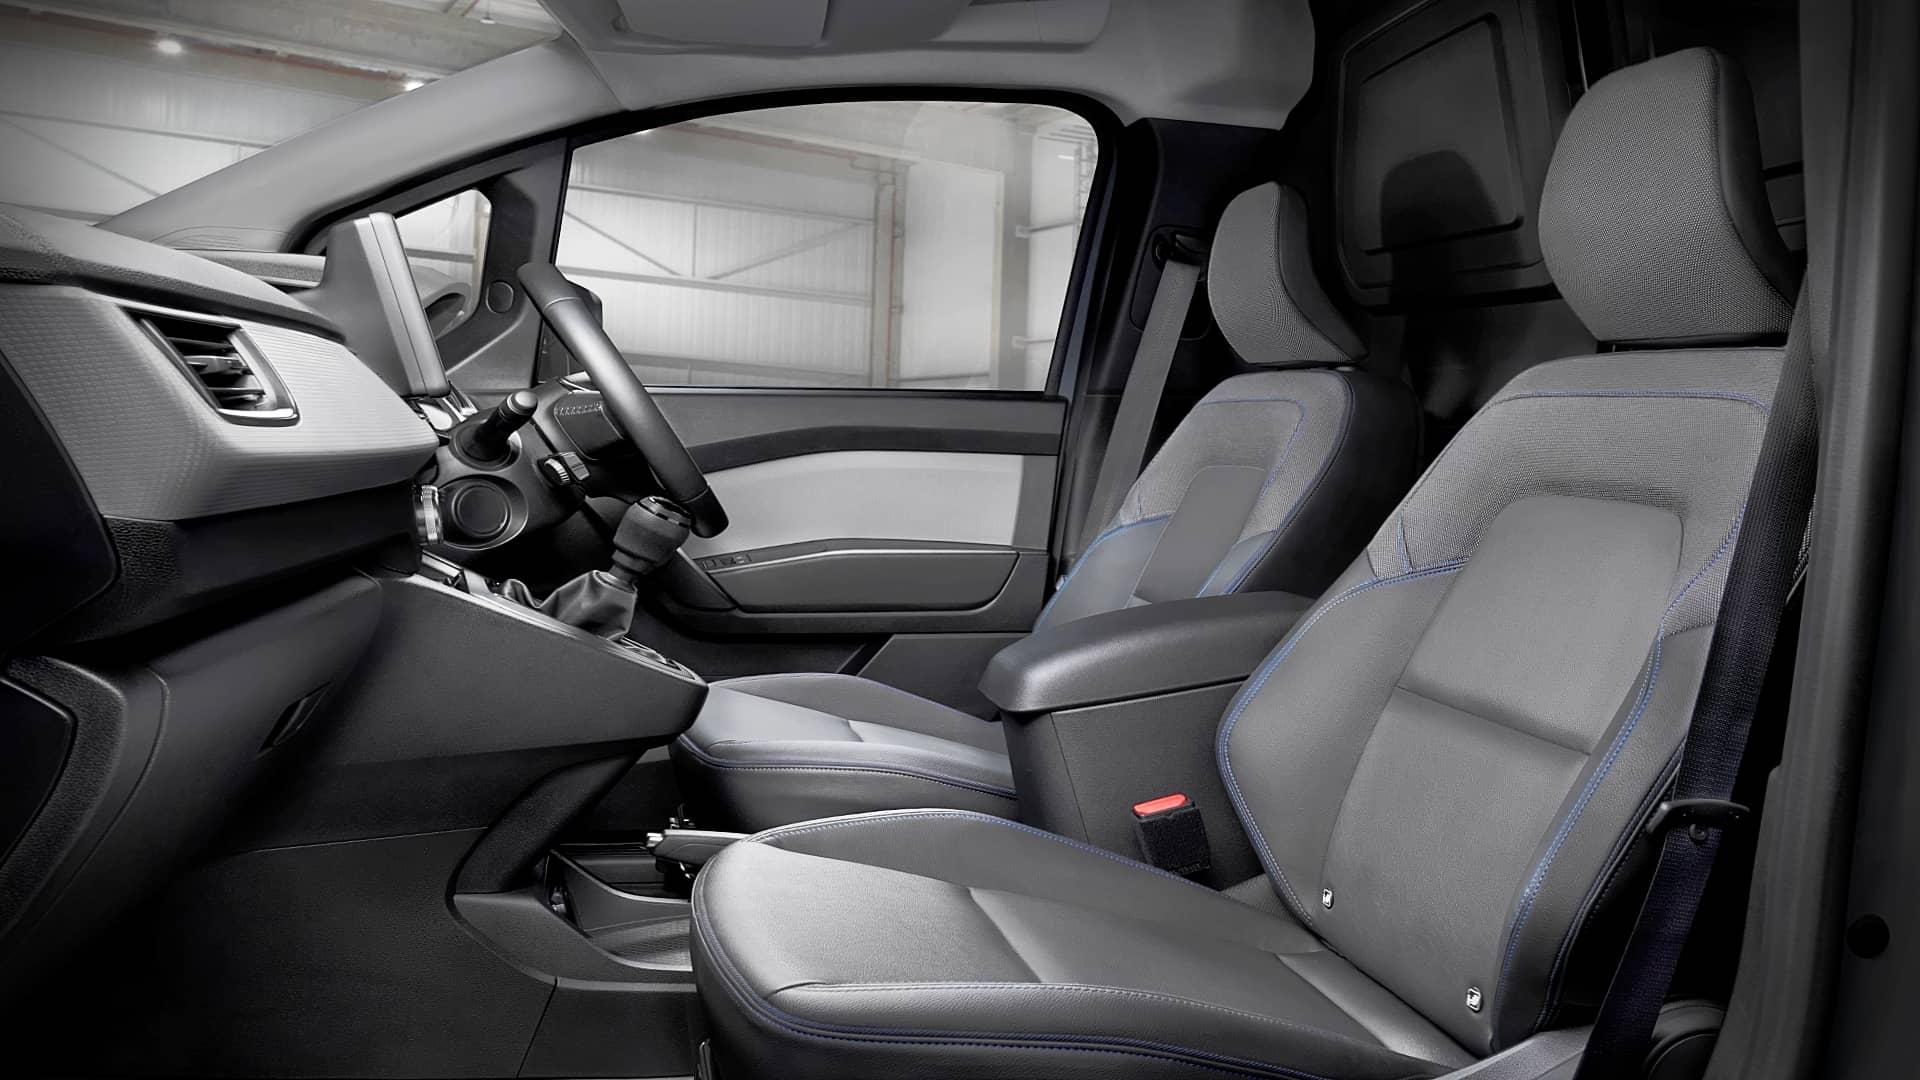 2022 Nissan Townstar Interior